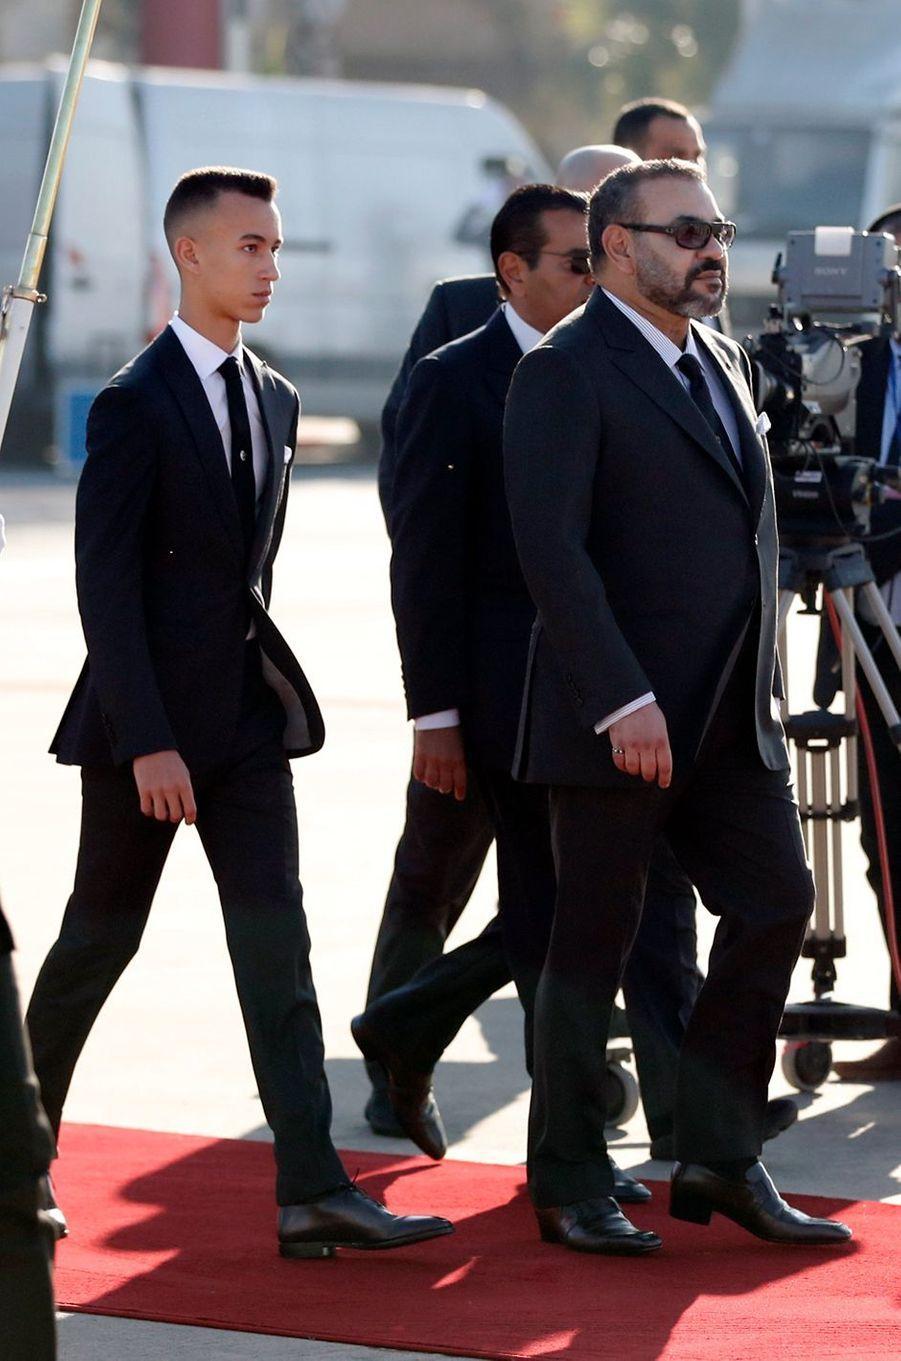 Le roi Mohammed VI du Maroc et son fils le prince héritier Moulay El Hassan à l'aéroport de Rabat-Salé, le 13 février 2019